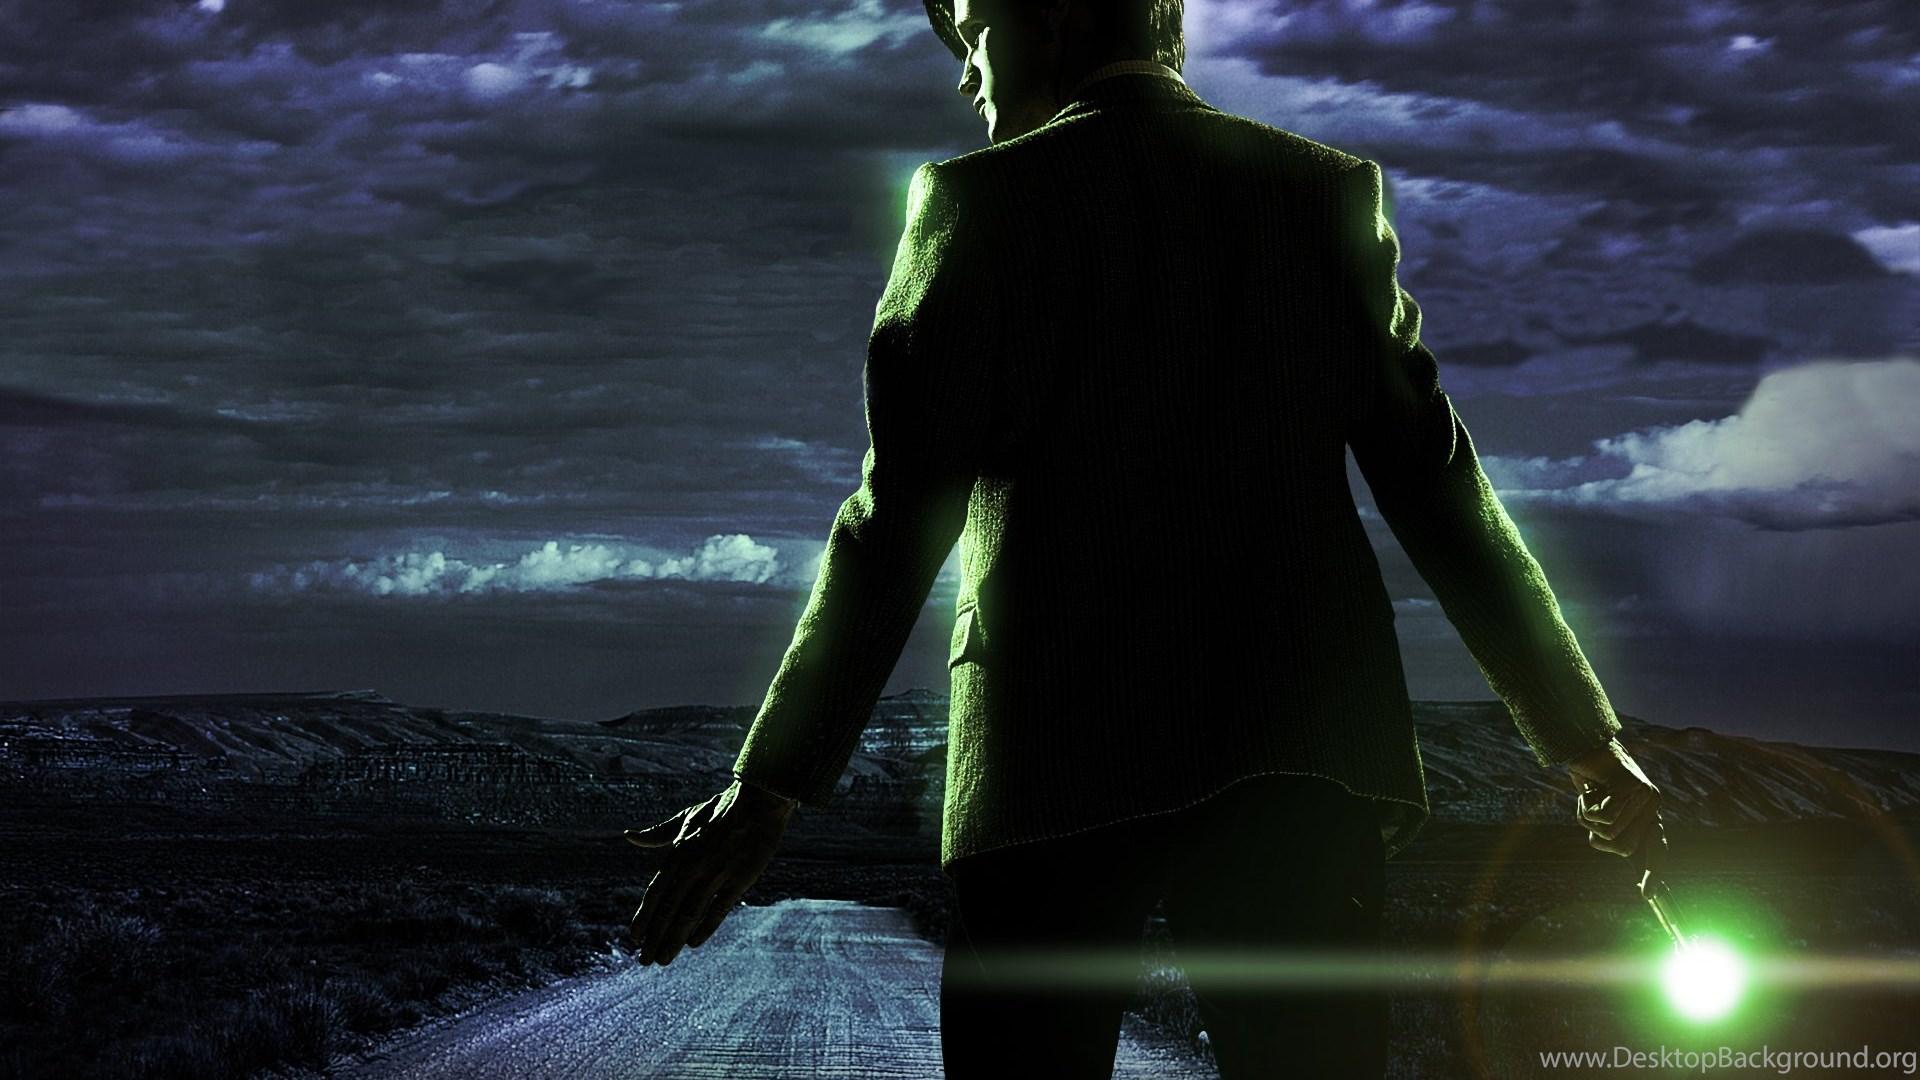 Doctor Who Matt Smith Iphone Wallpapers Desktop Background